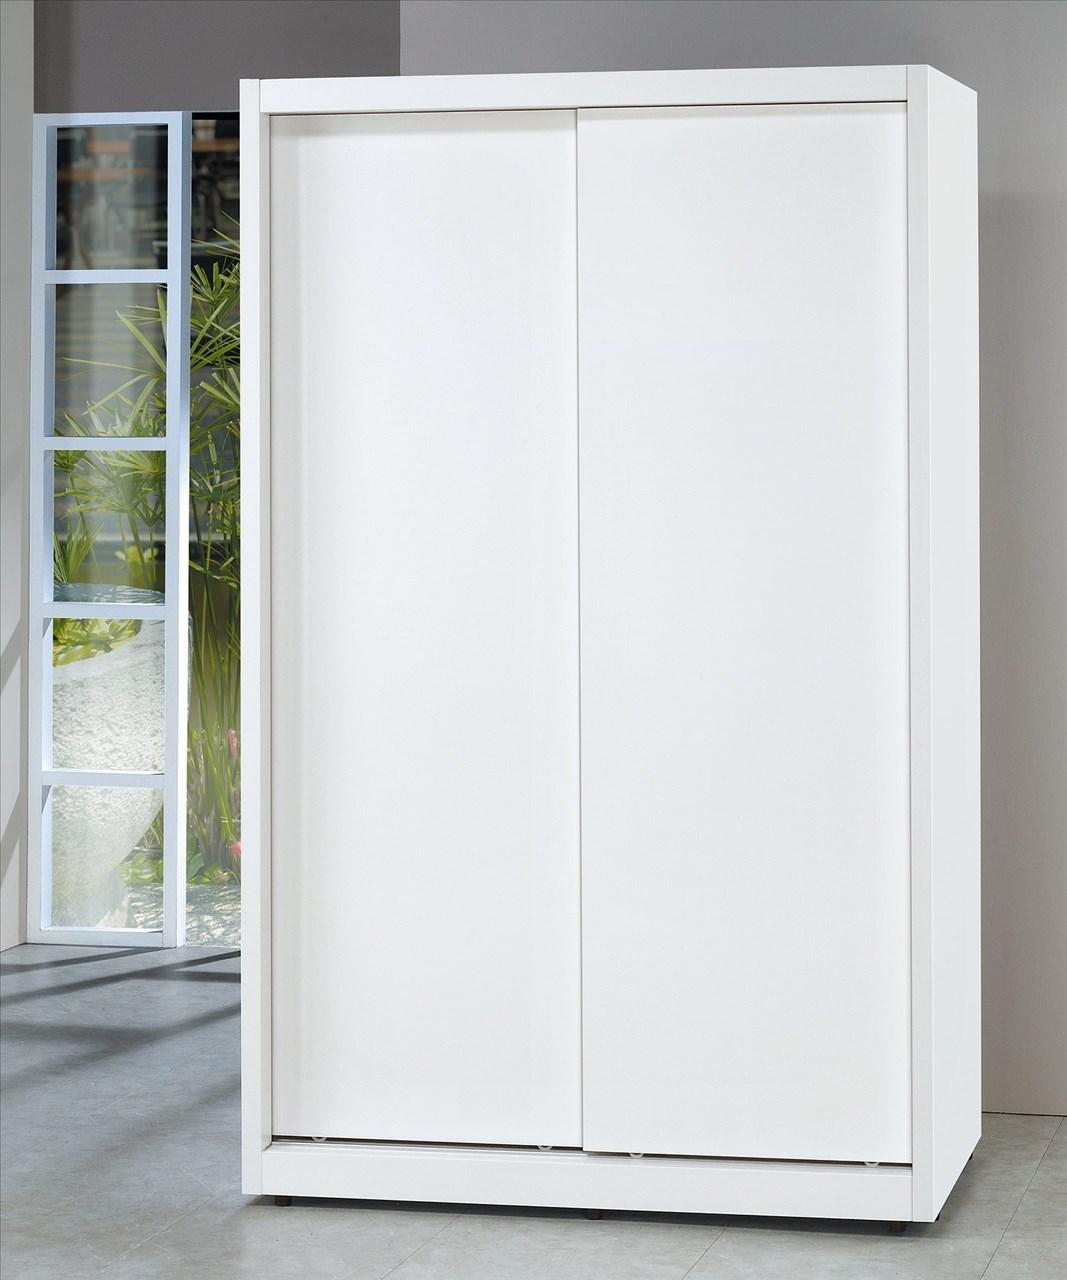 【石川家居】EF-135-1 泰豐純白4*7尺拉門衣櫥 (不含其他商品) 需搭配車趟